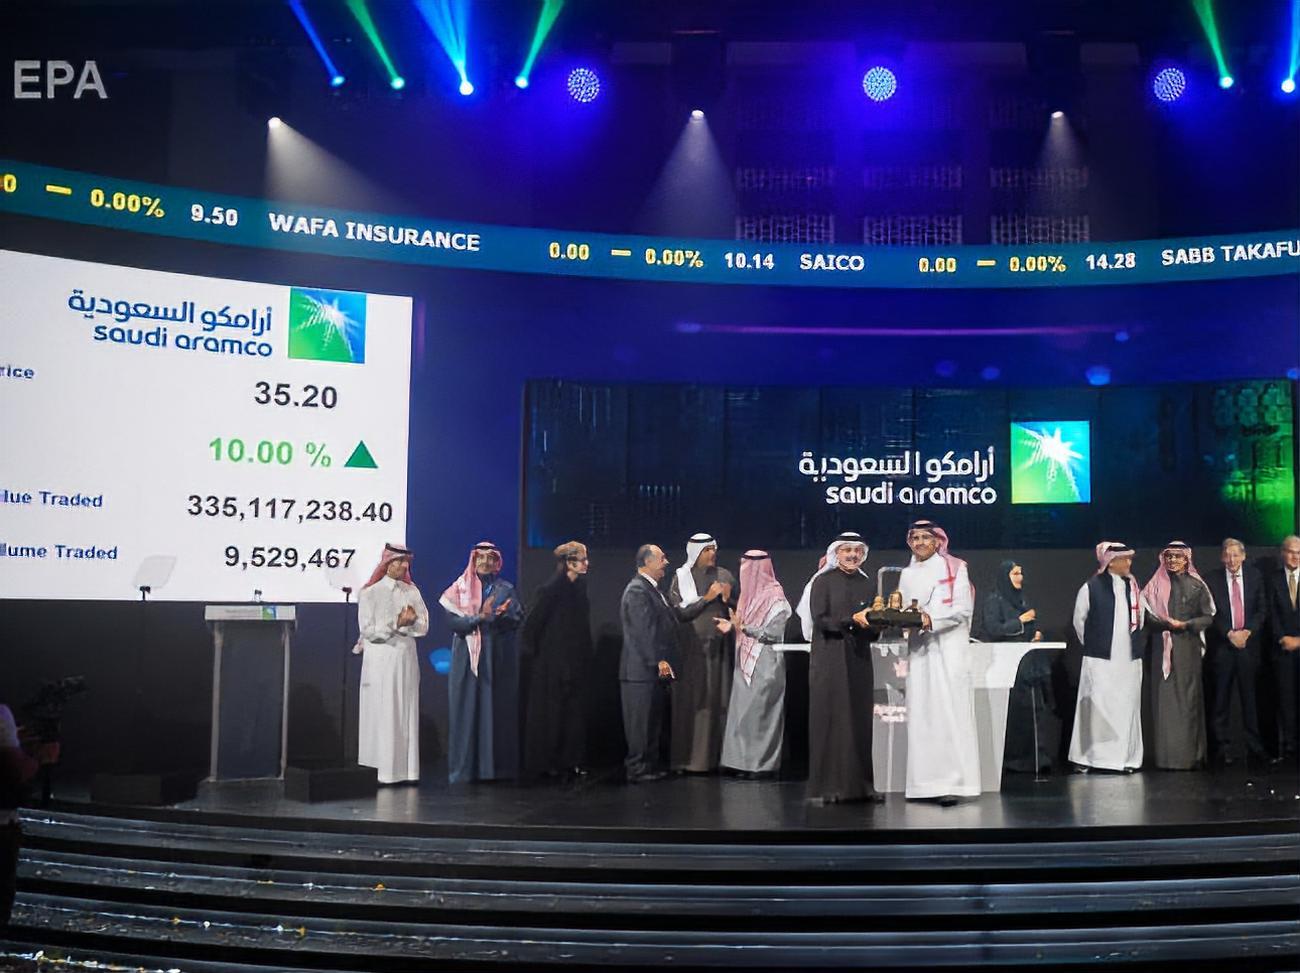 Нафтова компанія Saudi Aramco стала найдорожчою у світі в перший день після виходу на біржу